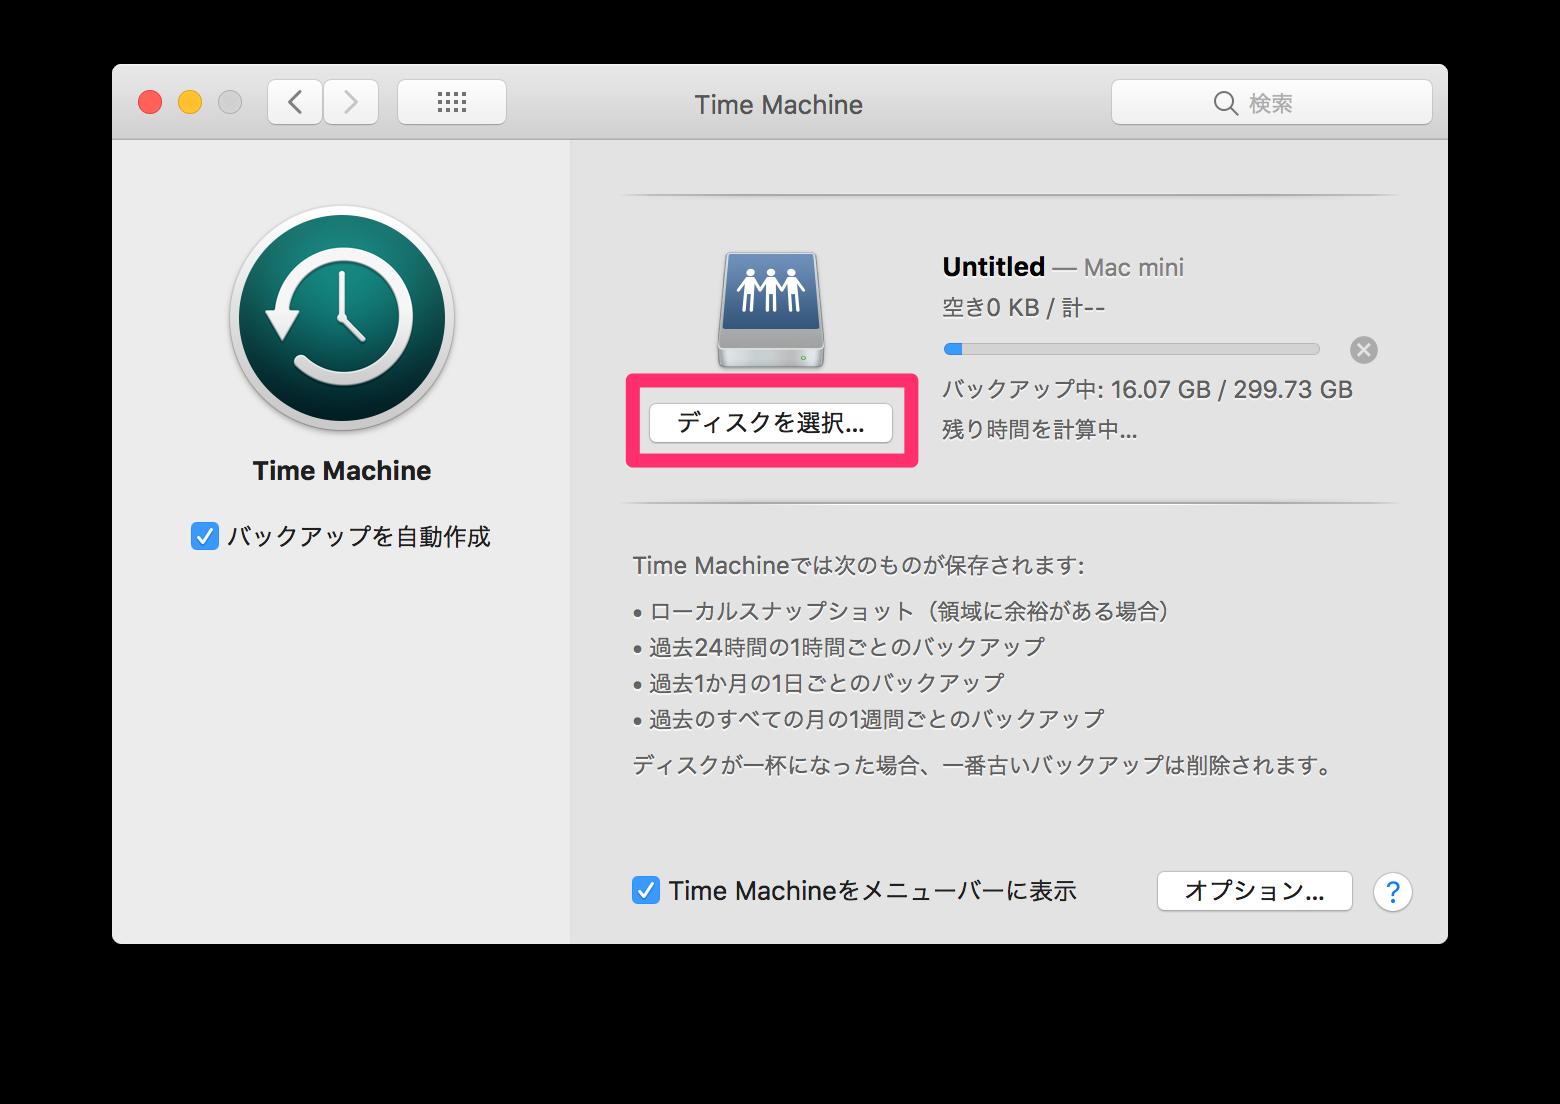 バックアップしたい Mac の Time Machine バックアップ保存先を設定します